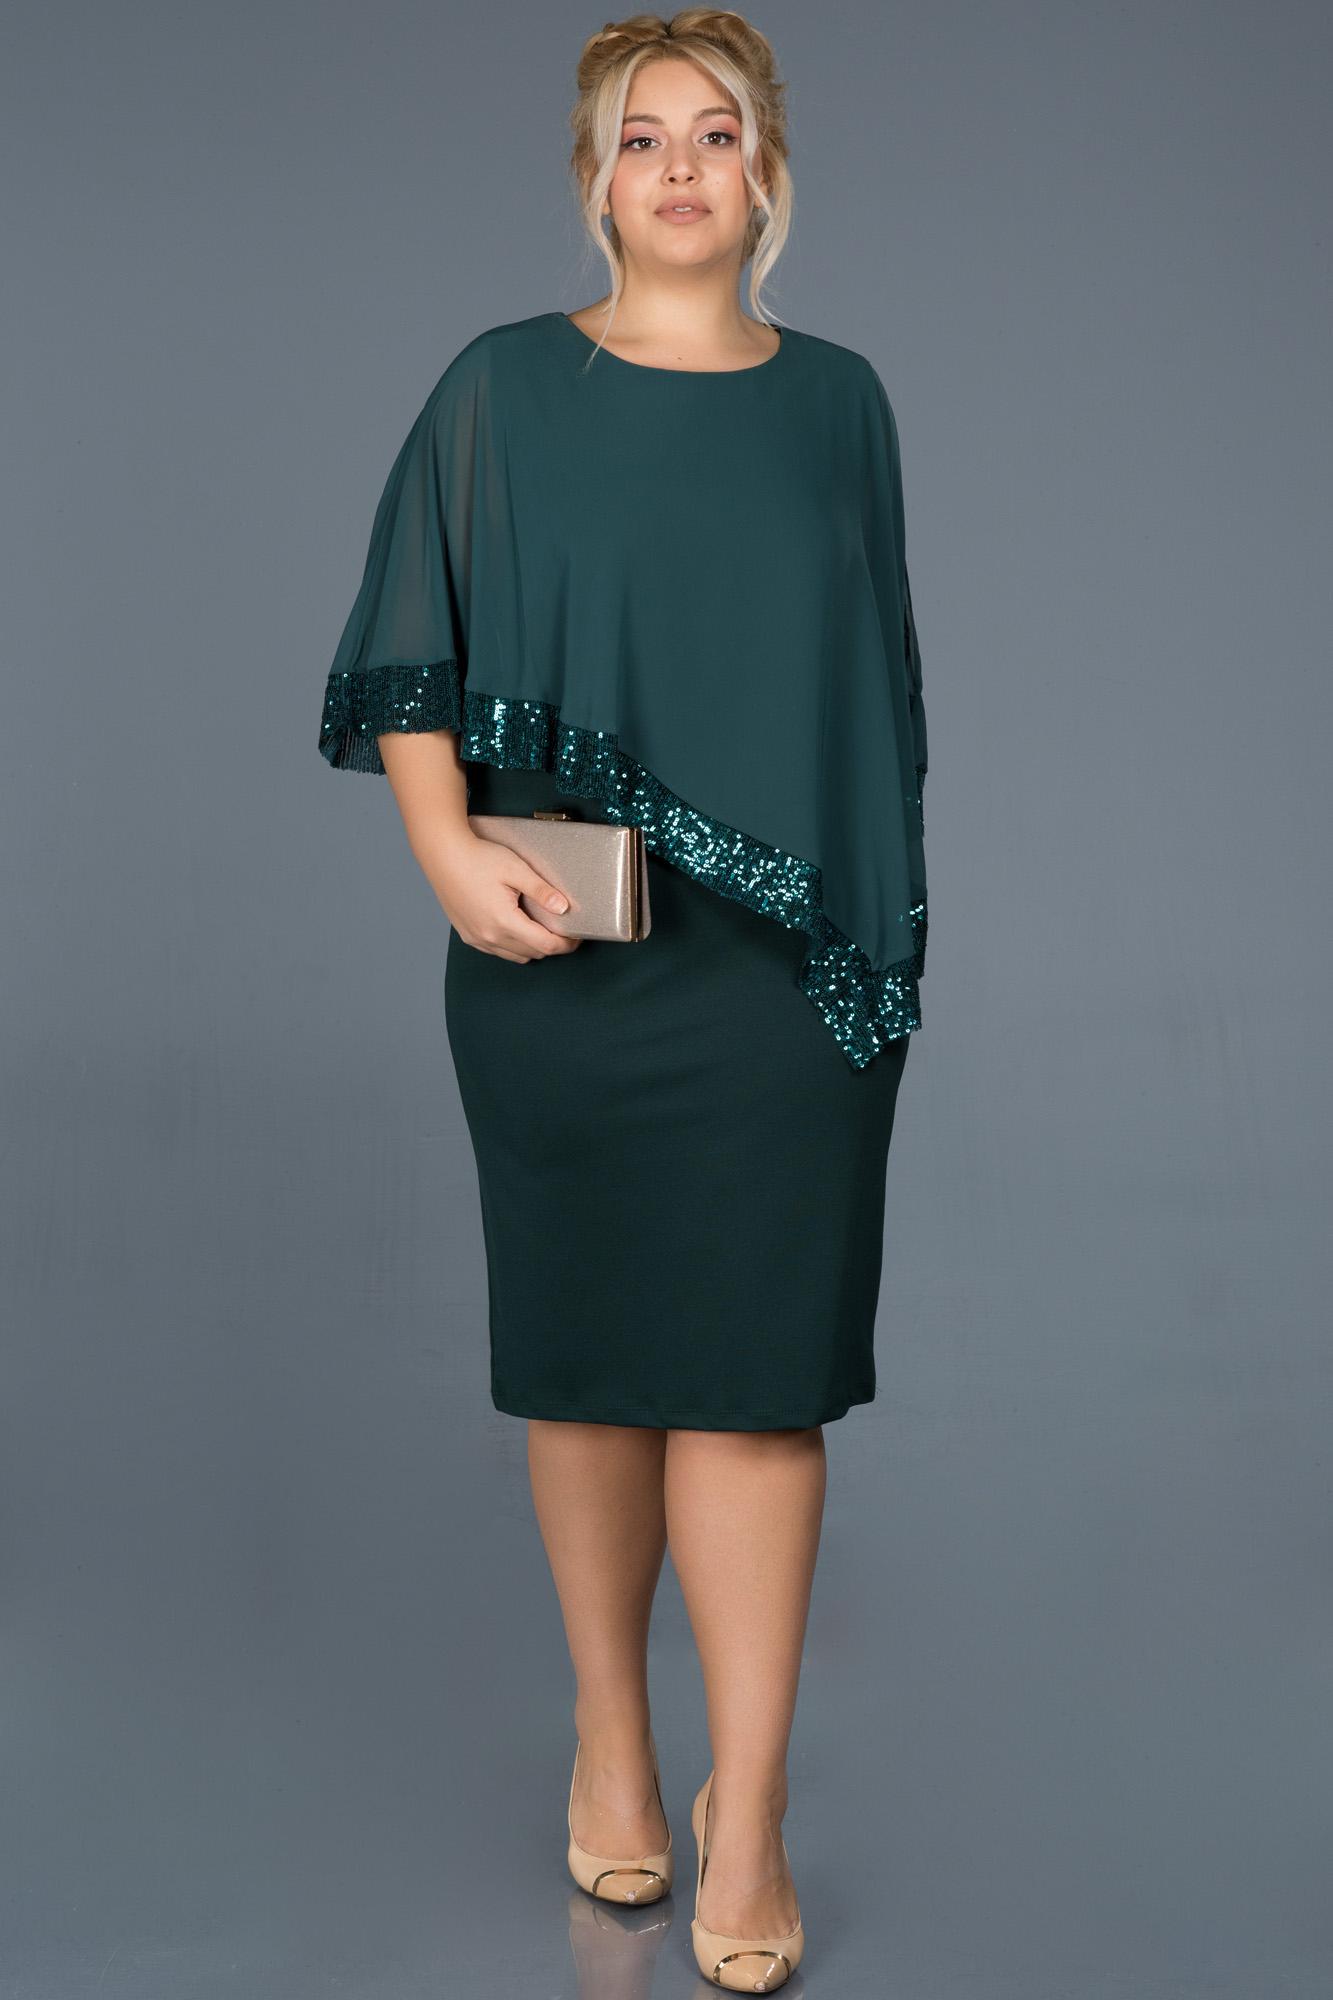 Yeşil Kısa Tül Detaylı Büyük Beden Davet Elbisesi